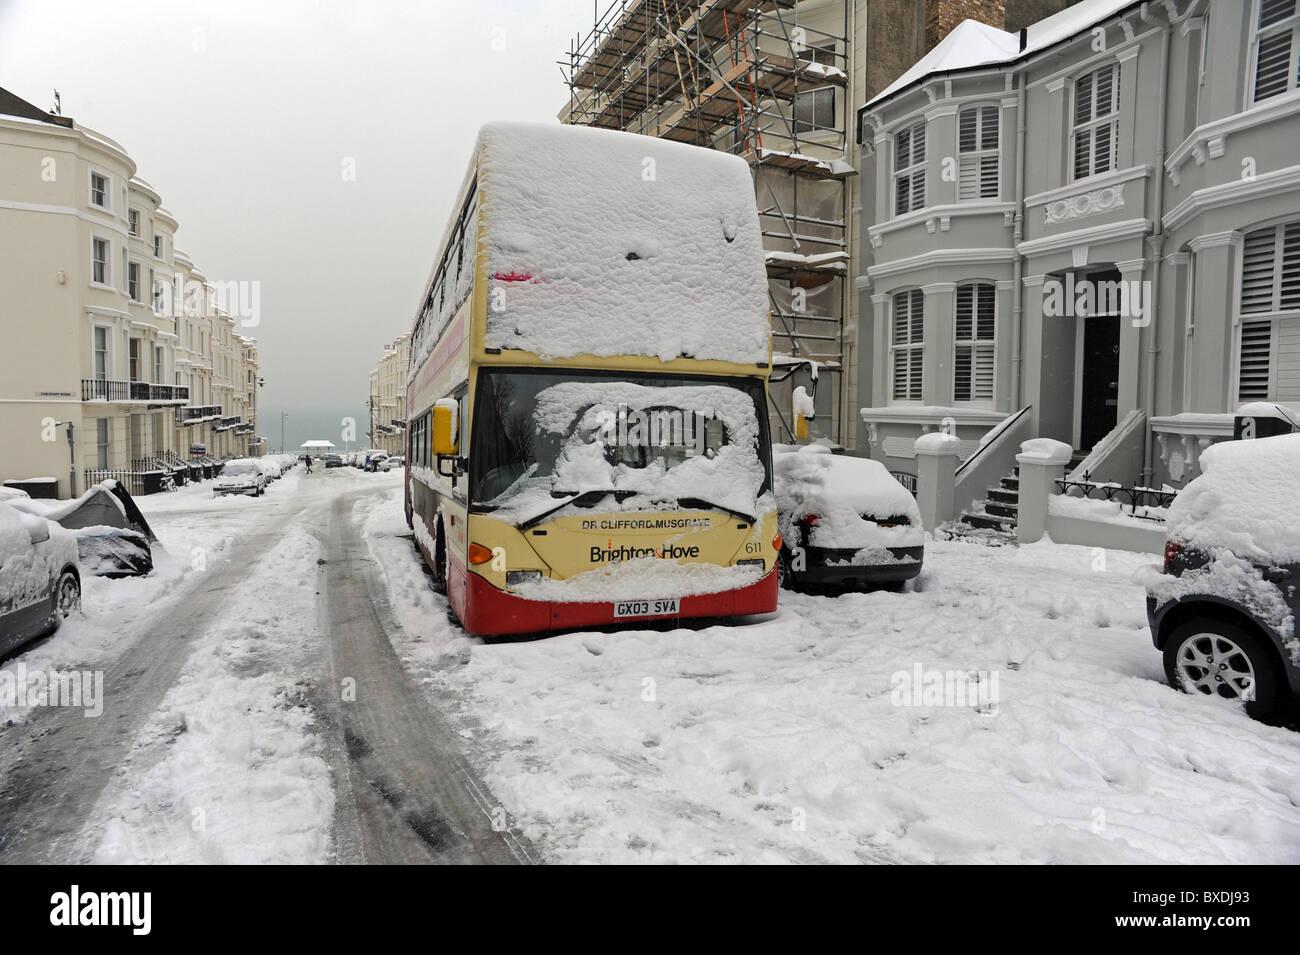 Dopo la nevicata un bus abbandonati si trova nel mezzo di un normalmente trafficata strada in Brighton Immagini Stock